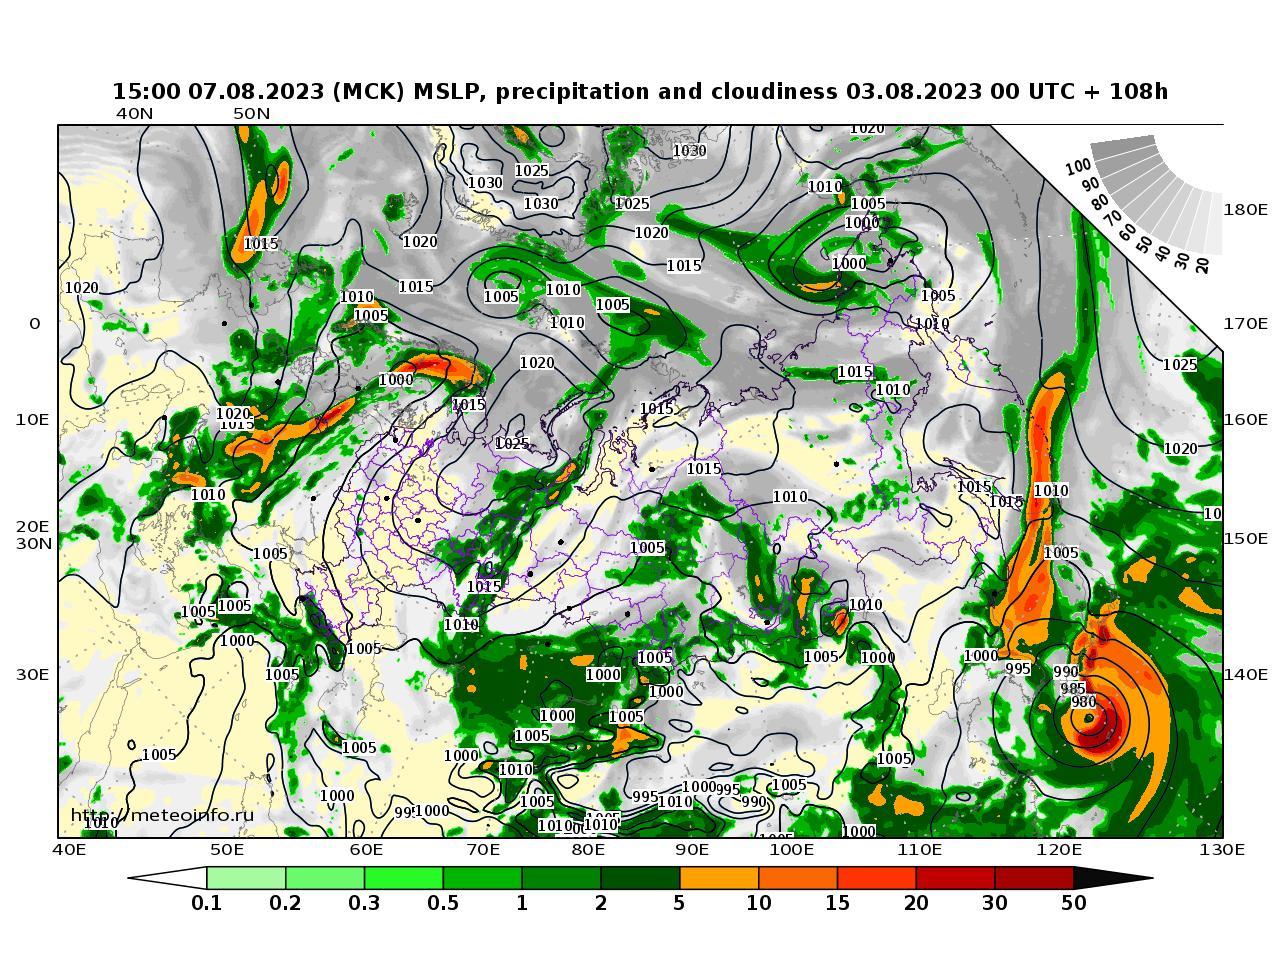 Россия, прогностическая карта осадки и давление, заблаговременность прогноза 108 часов